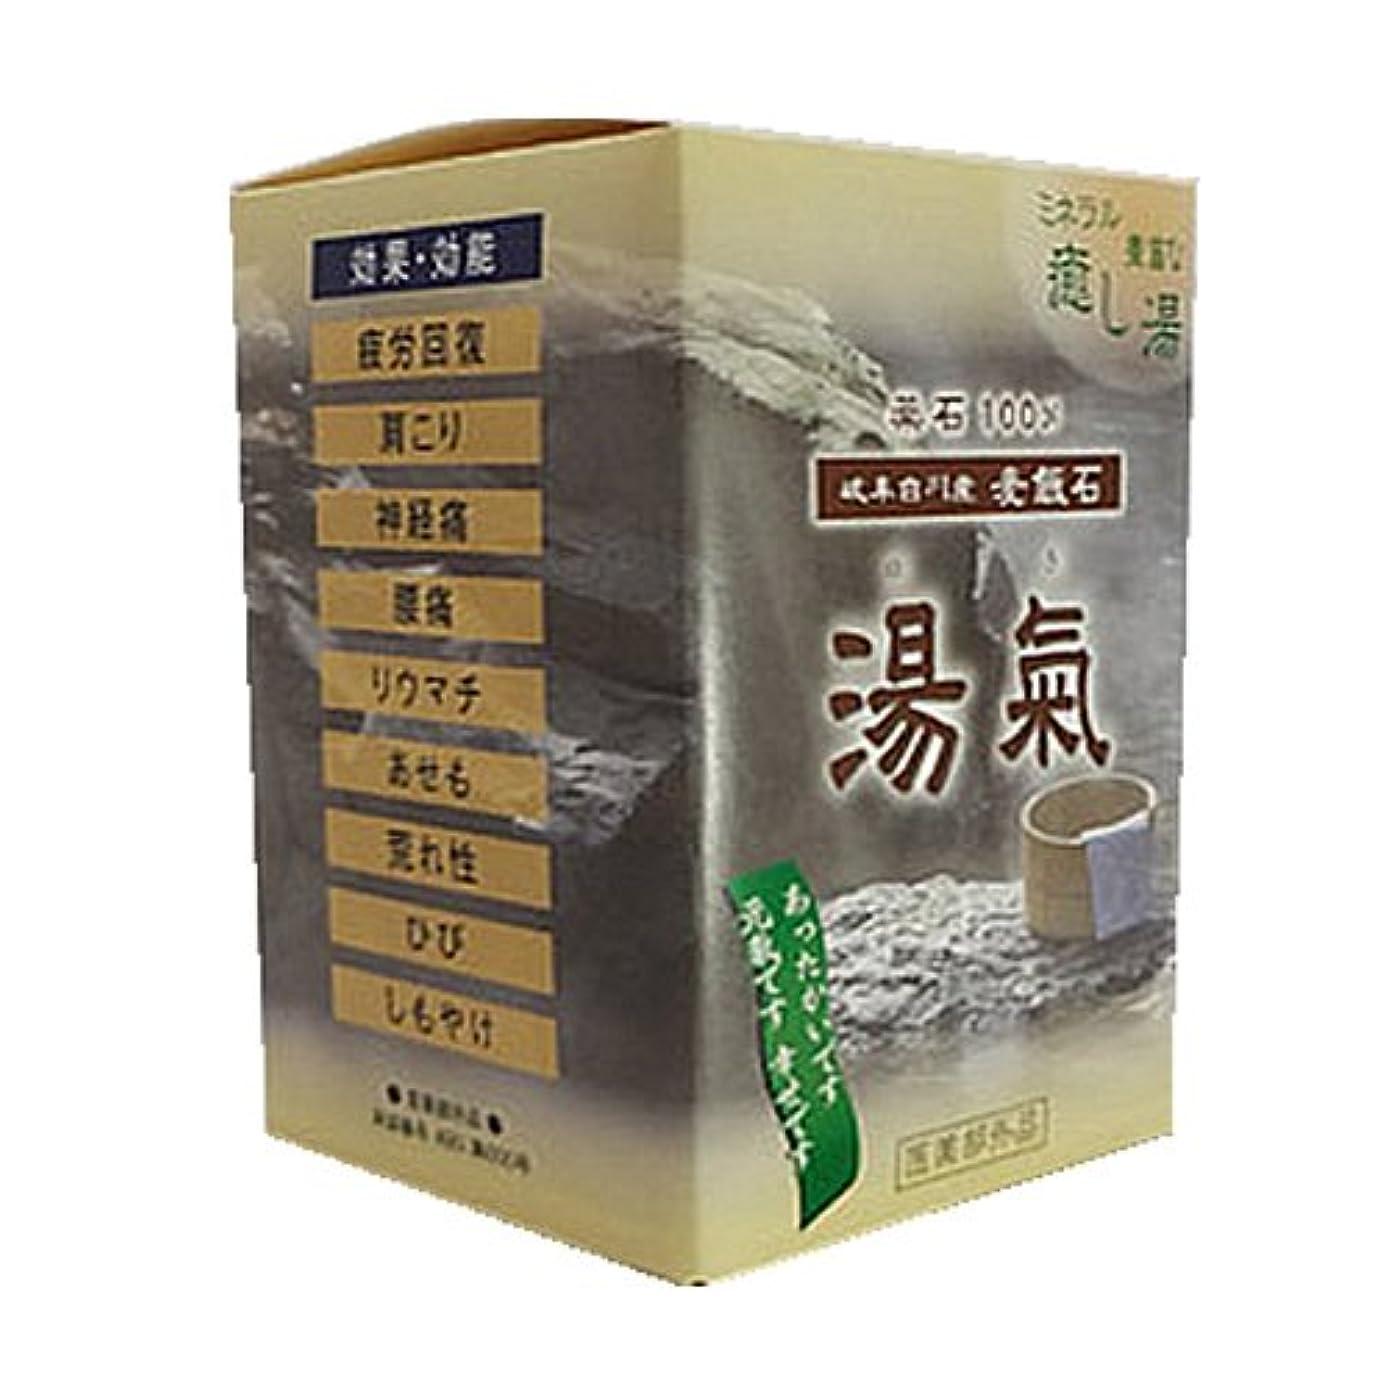 感謝祭準備した地質学医薬部外品 岐阜白川産麦飯石 湯気(ゆき) K11781